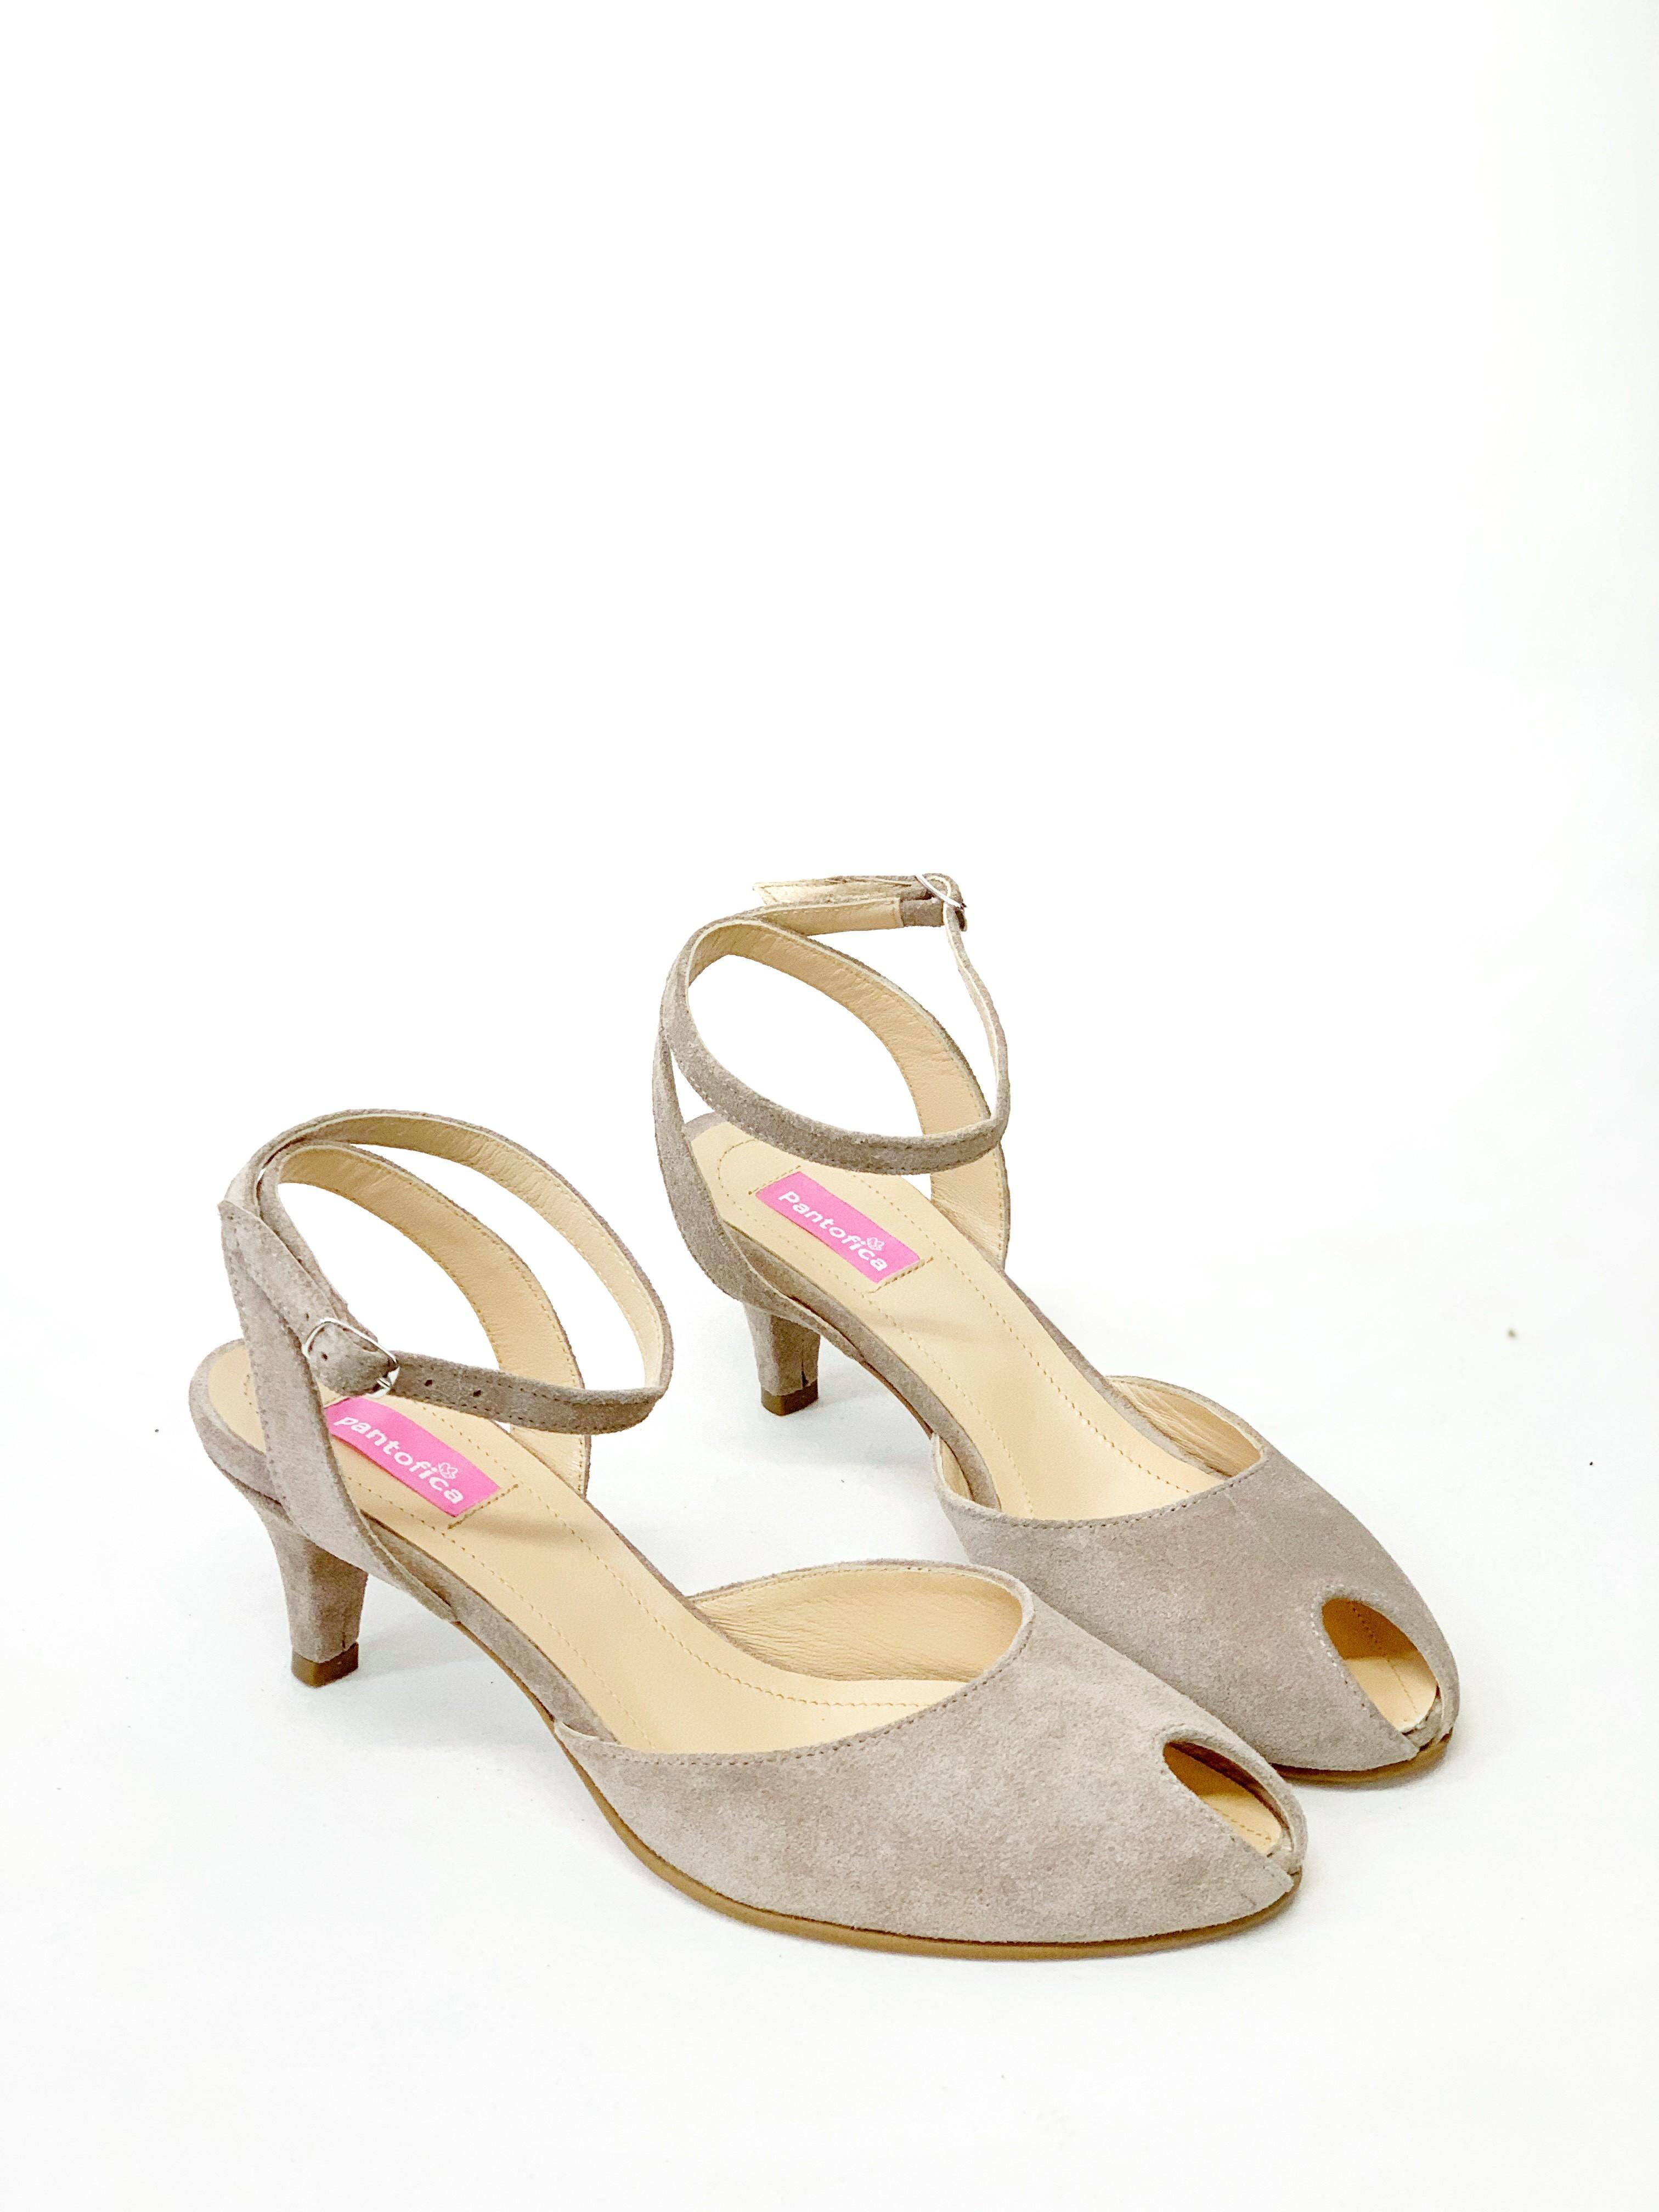 Pantofi Dorothy Small Heel